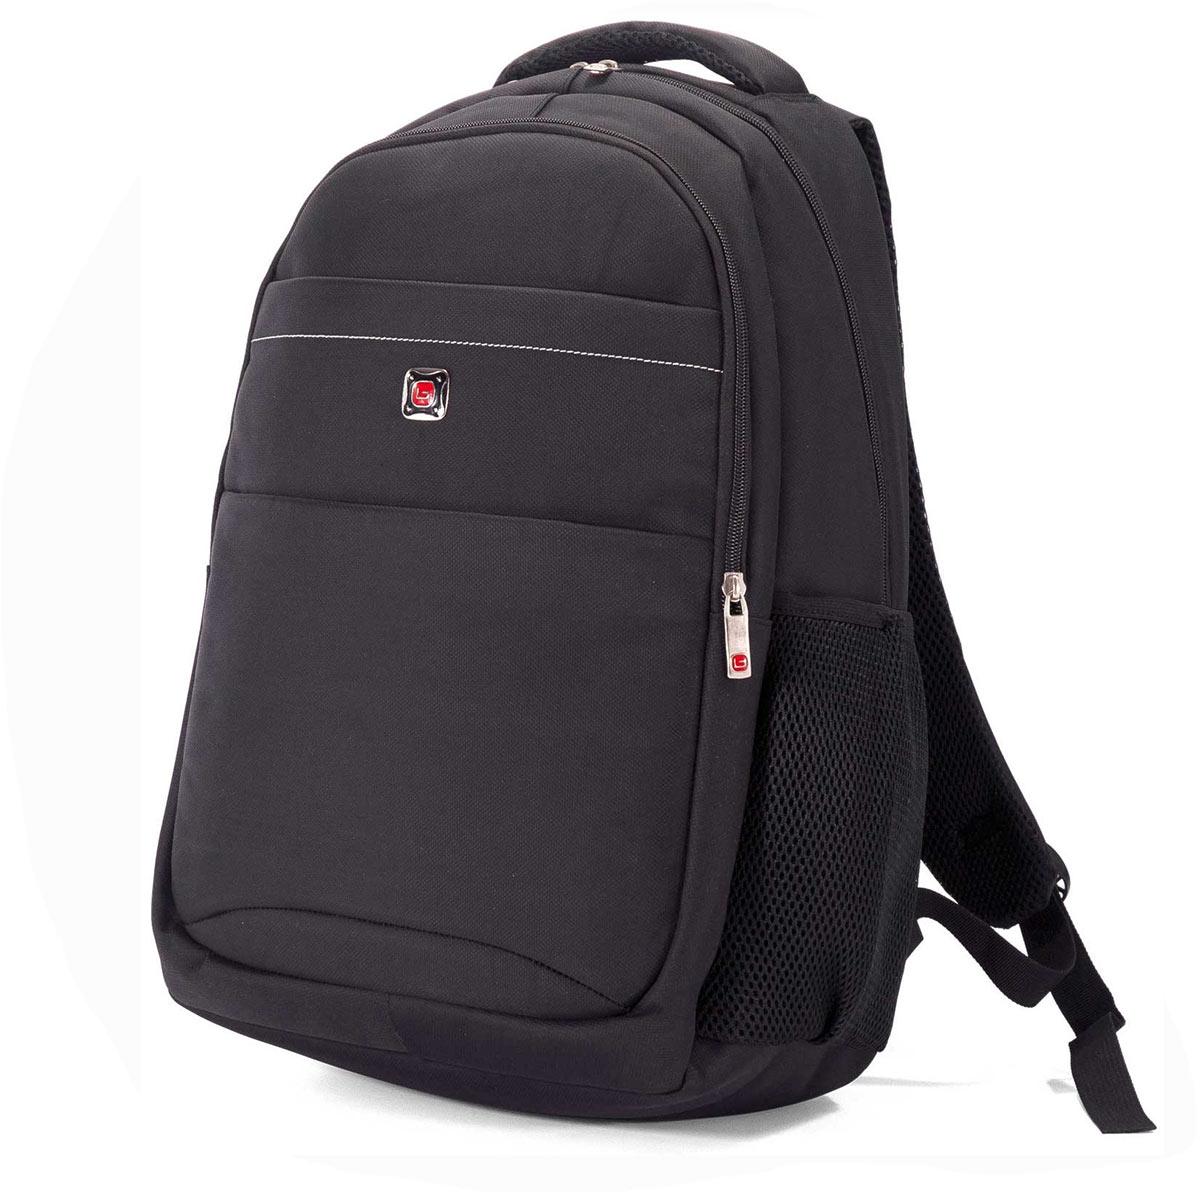 Σακίδιο Πλάτης Με Θήκη Laptop 39x29x11εκ. benzi 5089 Black – benzi – 5089-black